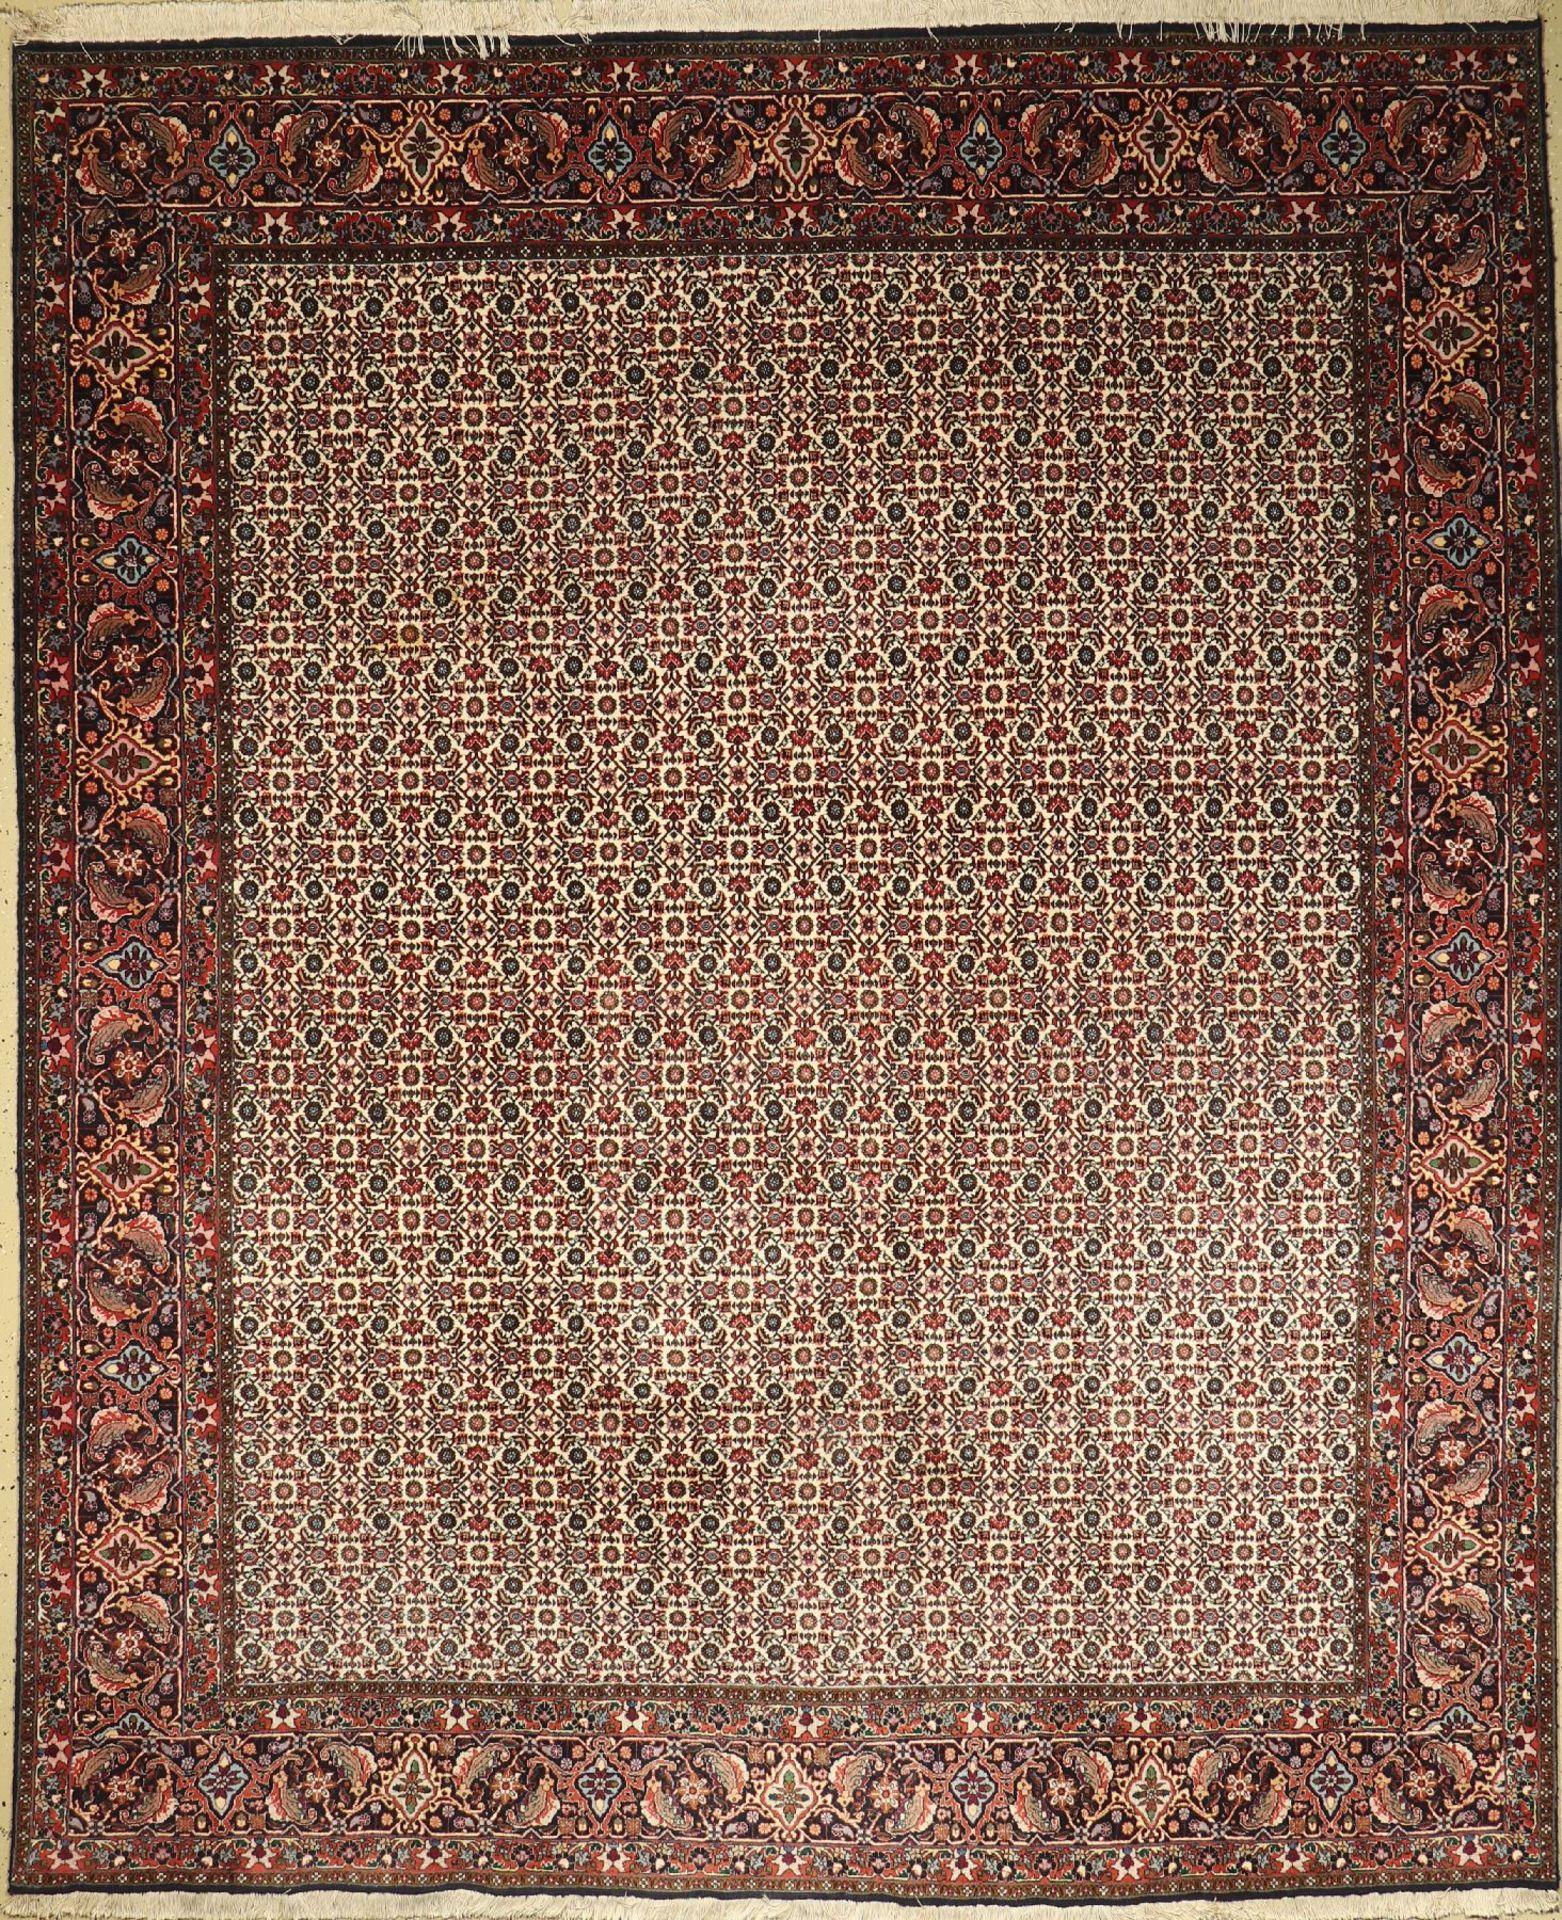 Bidjar, Persien, ca. 30 Jahre, Wolle auf Baumwolle, ca. 308 x 253 cm, EHZ: 2-3